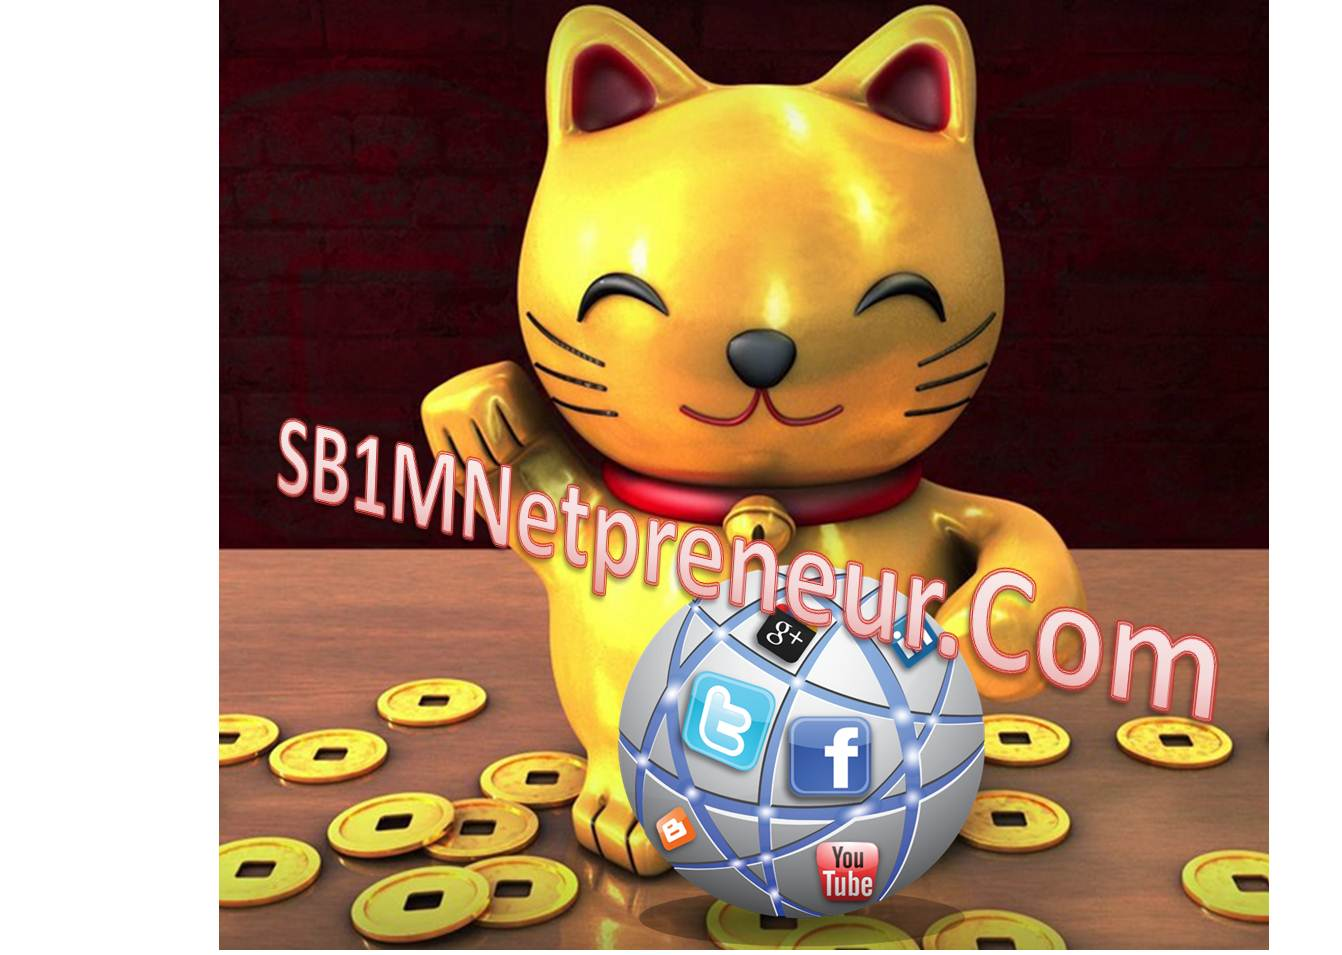 LinkedIn Jejaring Sosial yang Membantu Pencari Kerja dan Perusahaan yang Membutuhkan